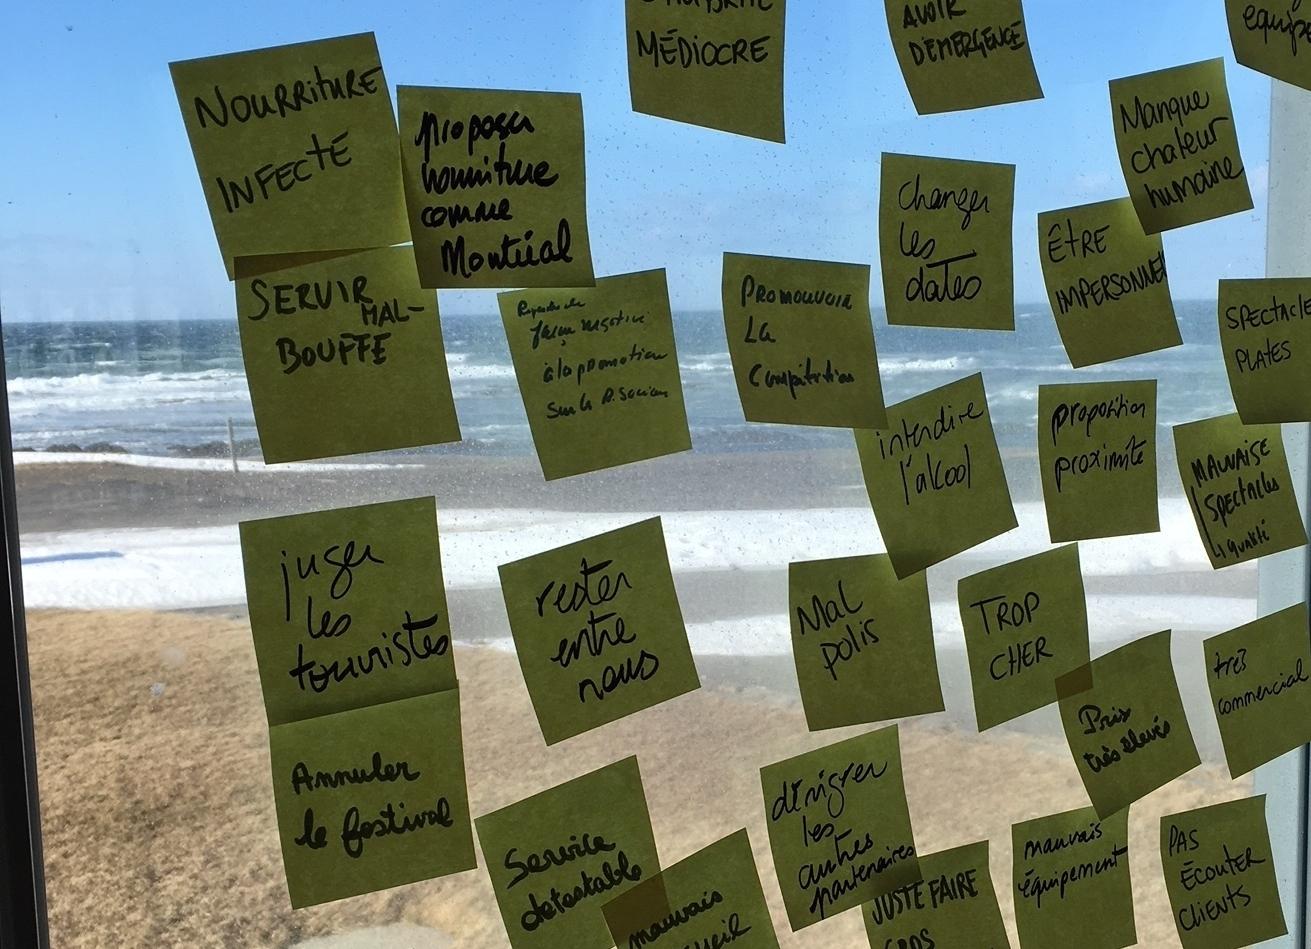 Festival en chanson de Petite vallée - Réinventer l'expérience du spectateur : design et facilitation de 4 jours de réflexion avec l'équipe. Transformation humaine et idées brillantes sont sorties de cet exercice. Une collaboration avec Hanneke Ronken.#DesignThinking #innovation #arts